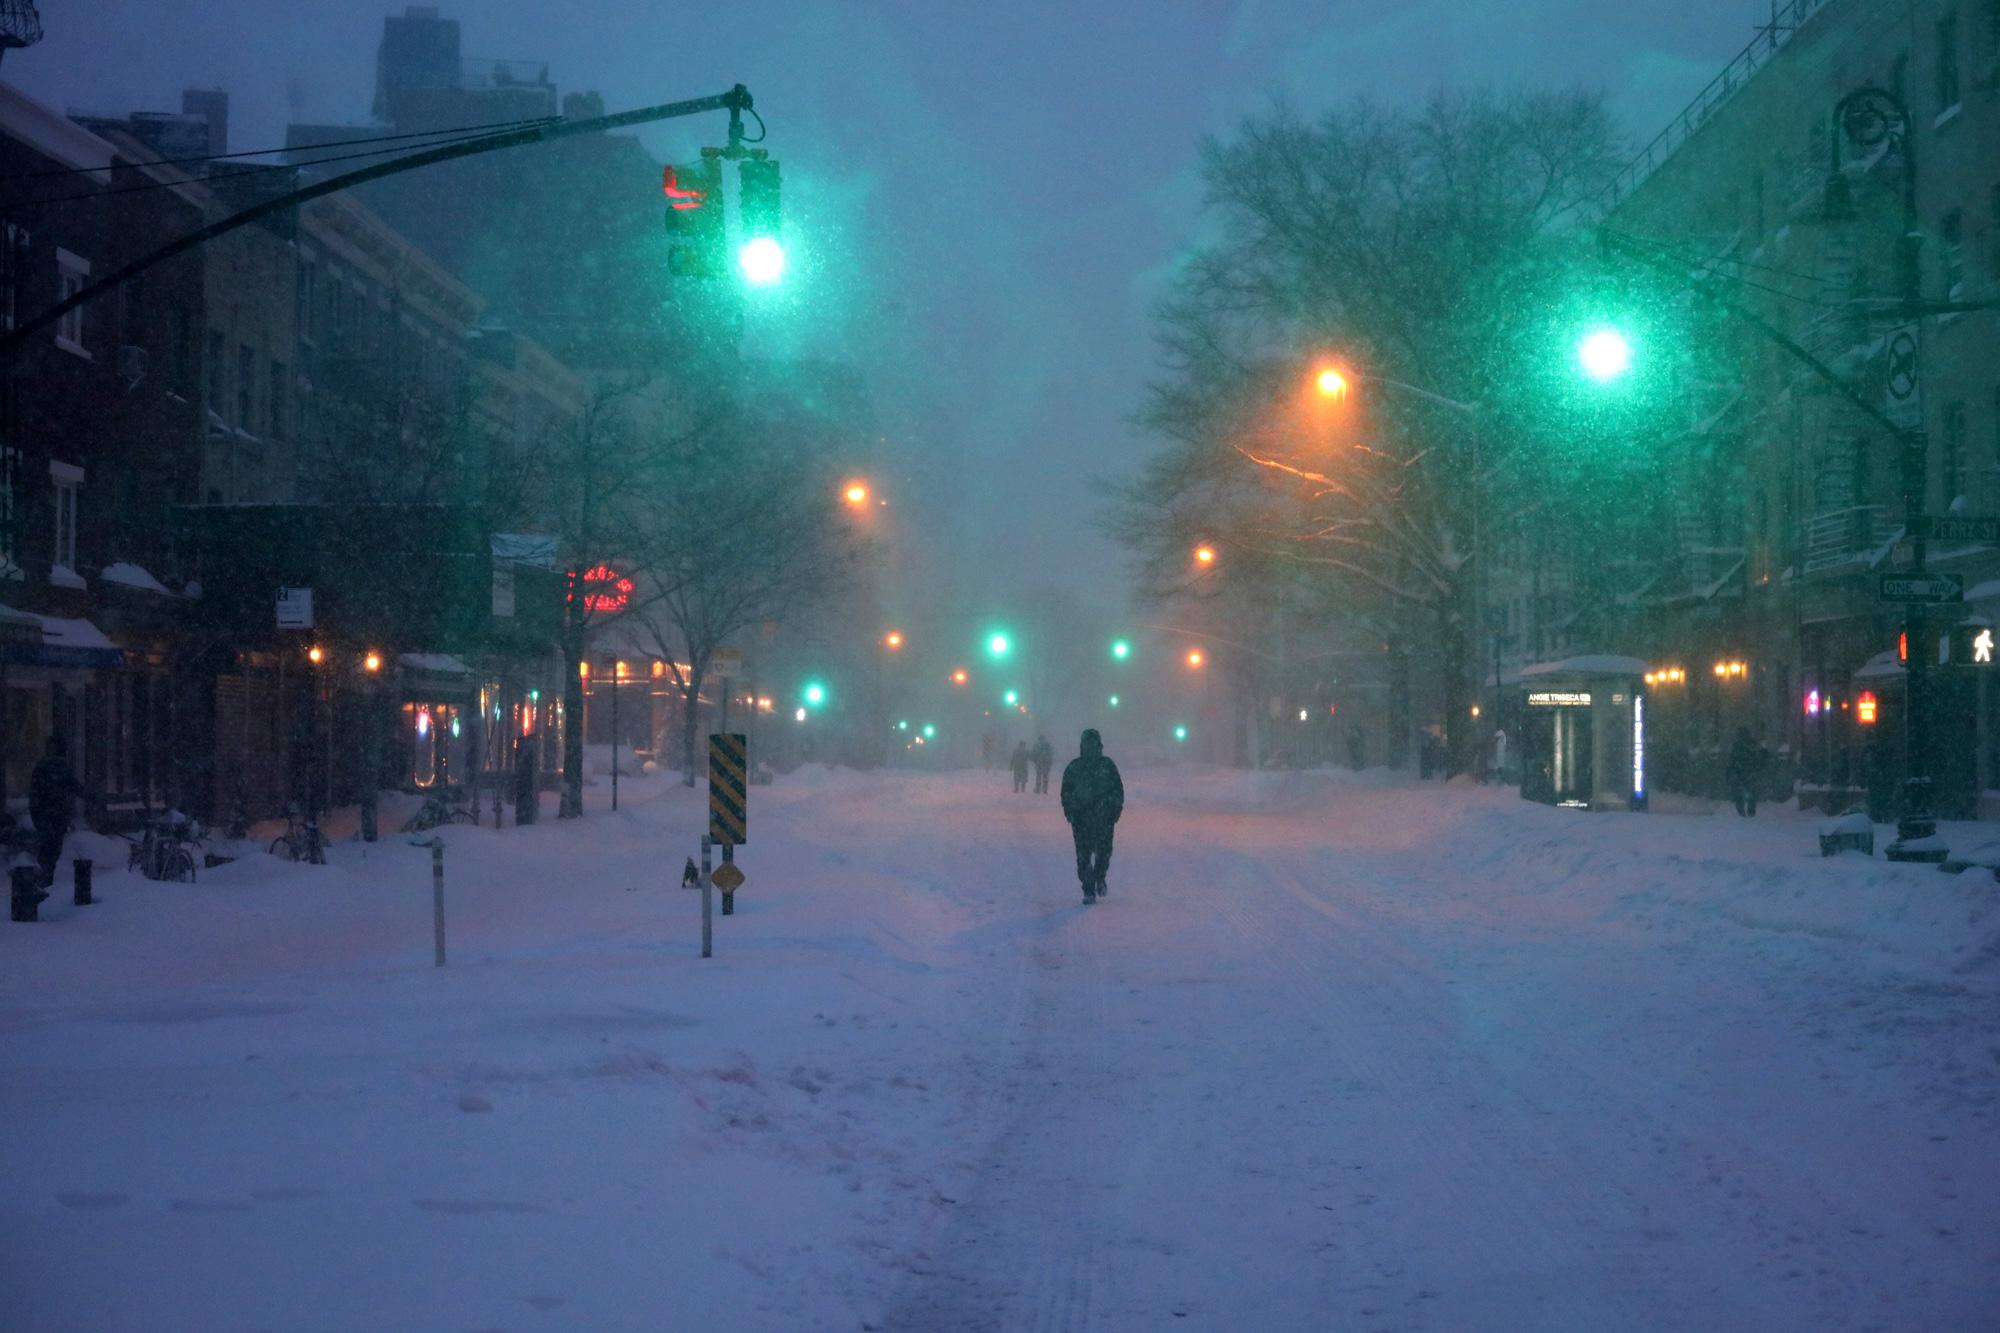 West Village, Blizzard